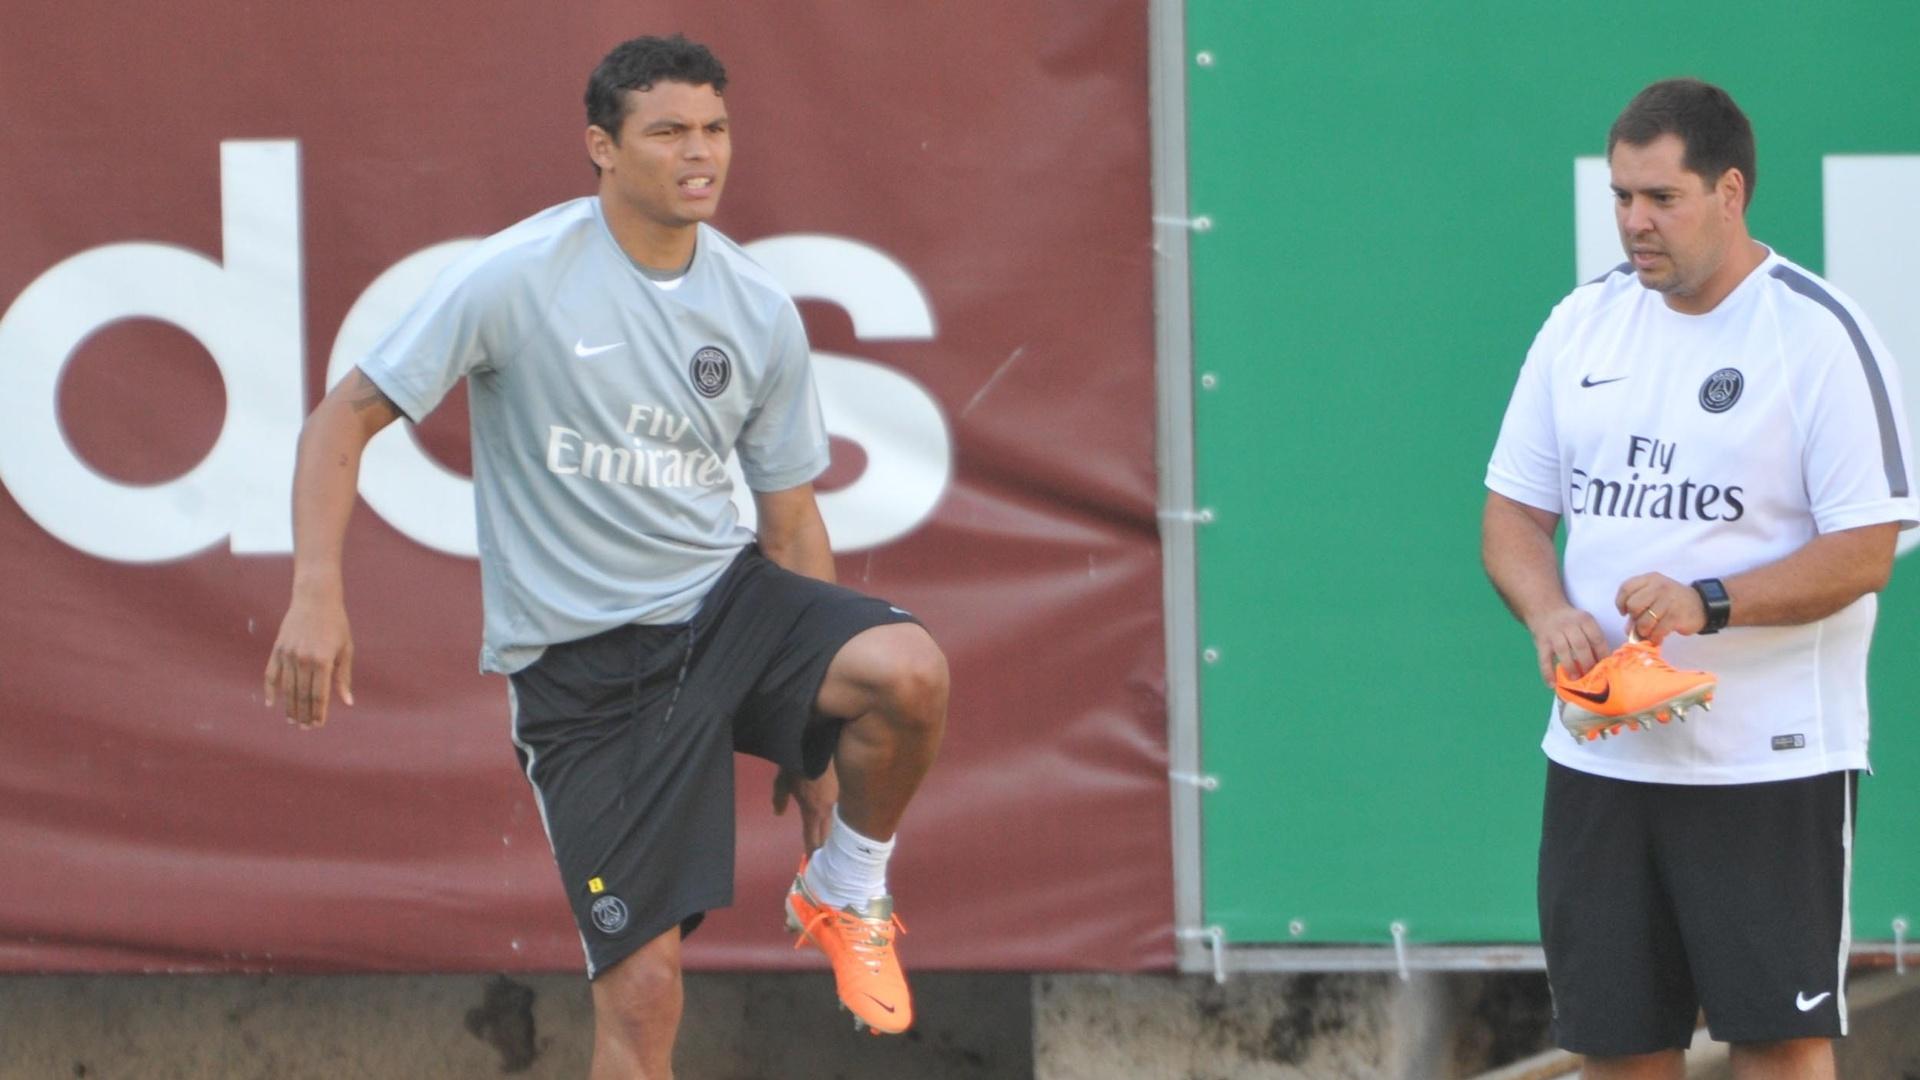 30 jul. 2014 - Zagueiro Thiago Silva, com a camisa de treino do PSG, realiza exercícios físicos na sede do Fluminense